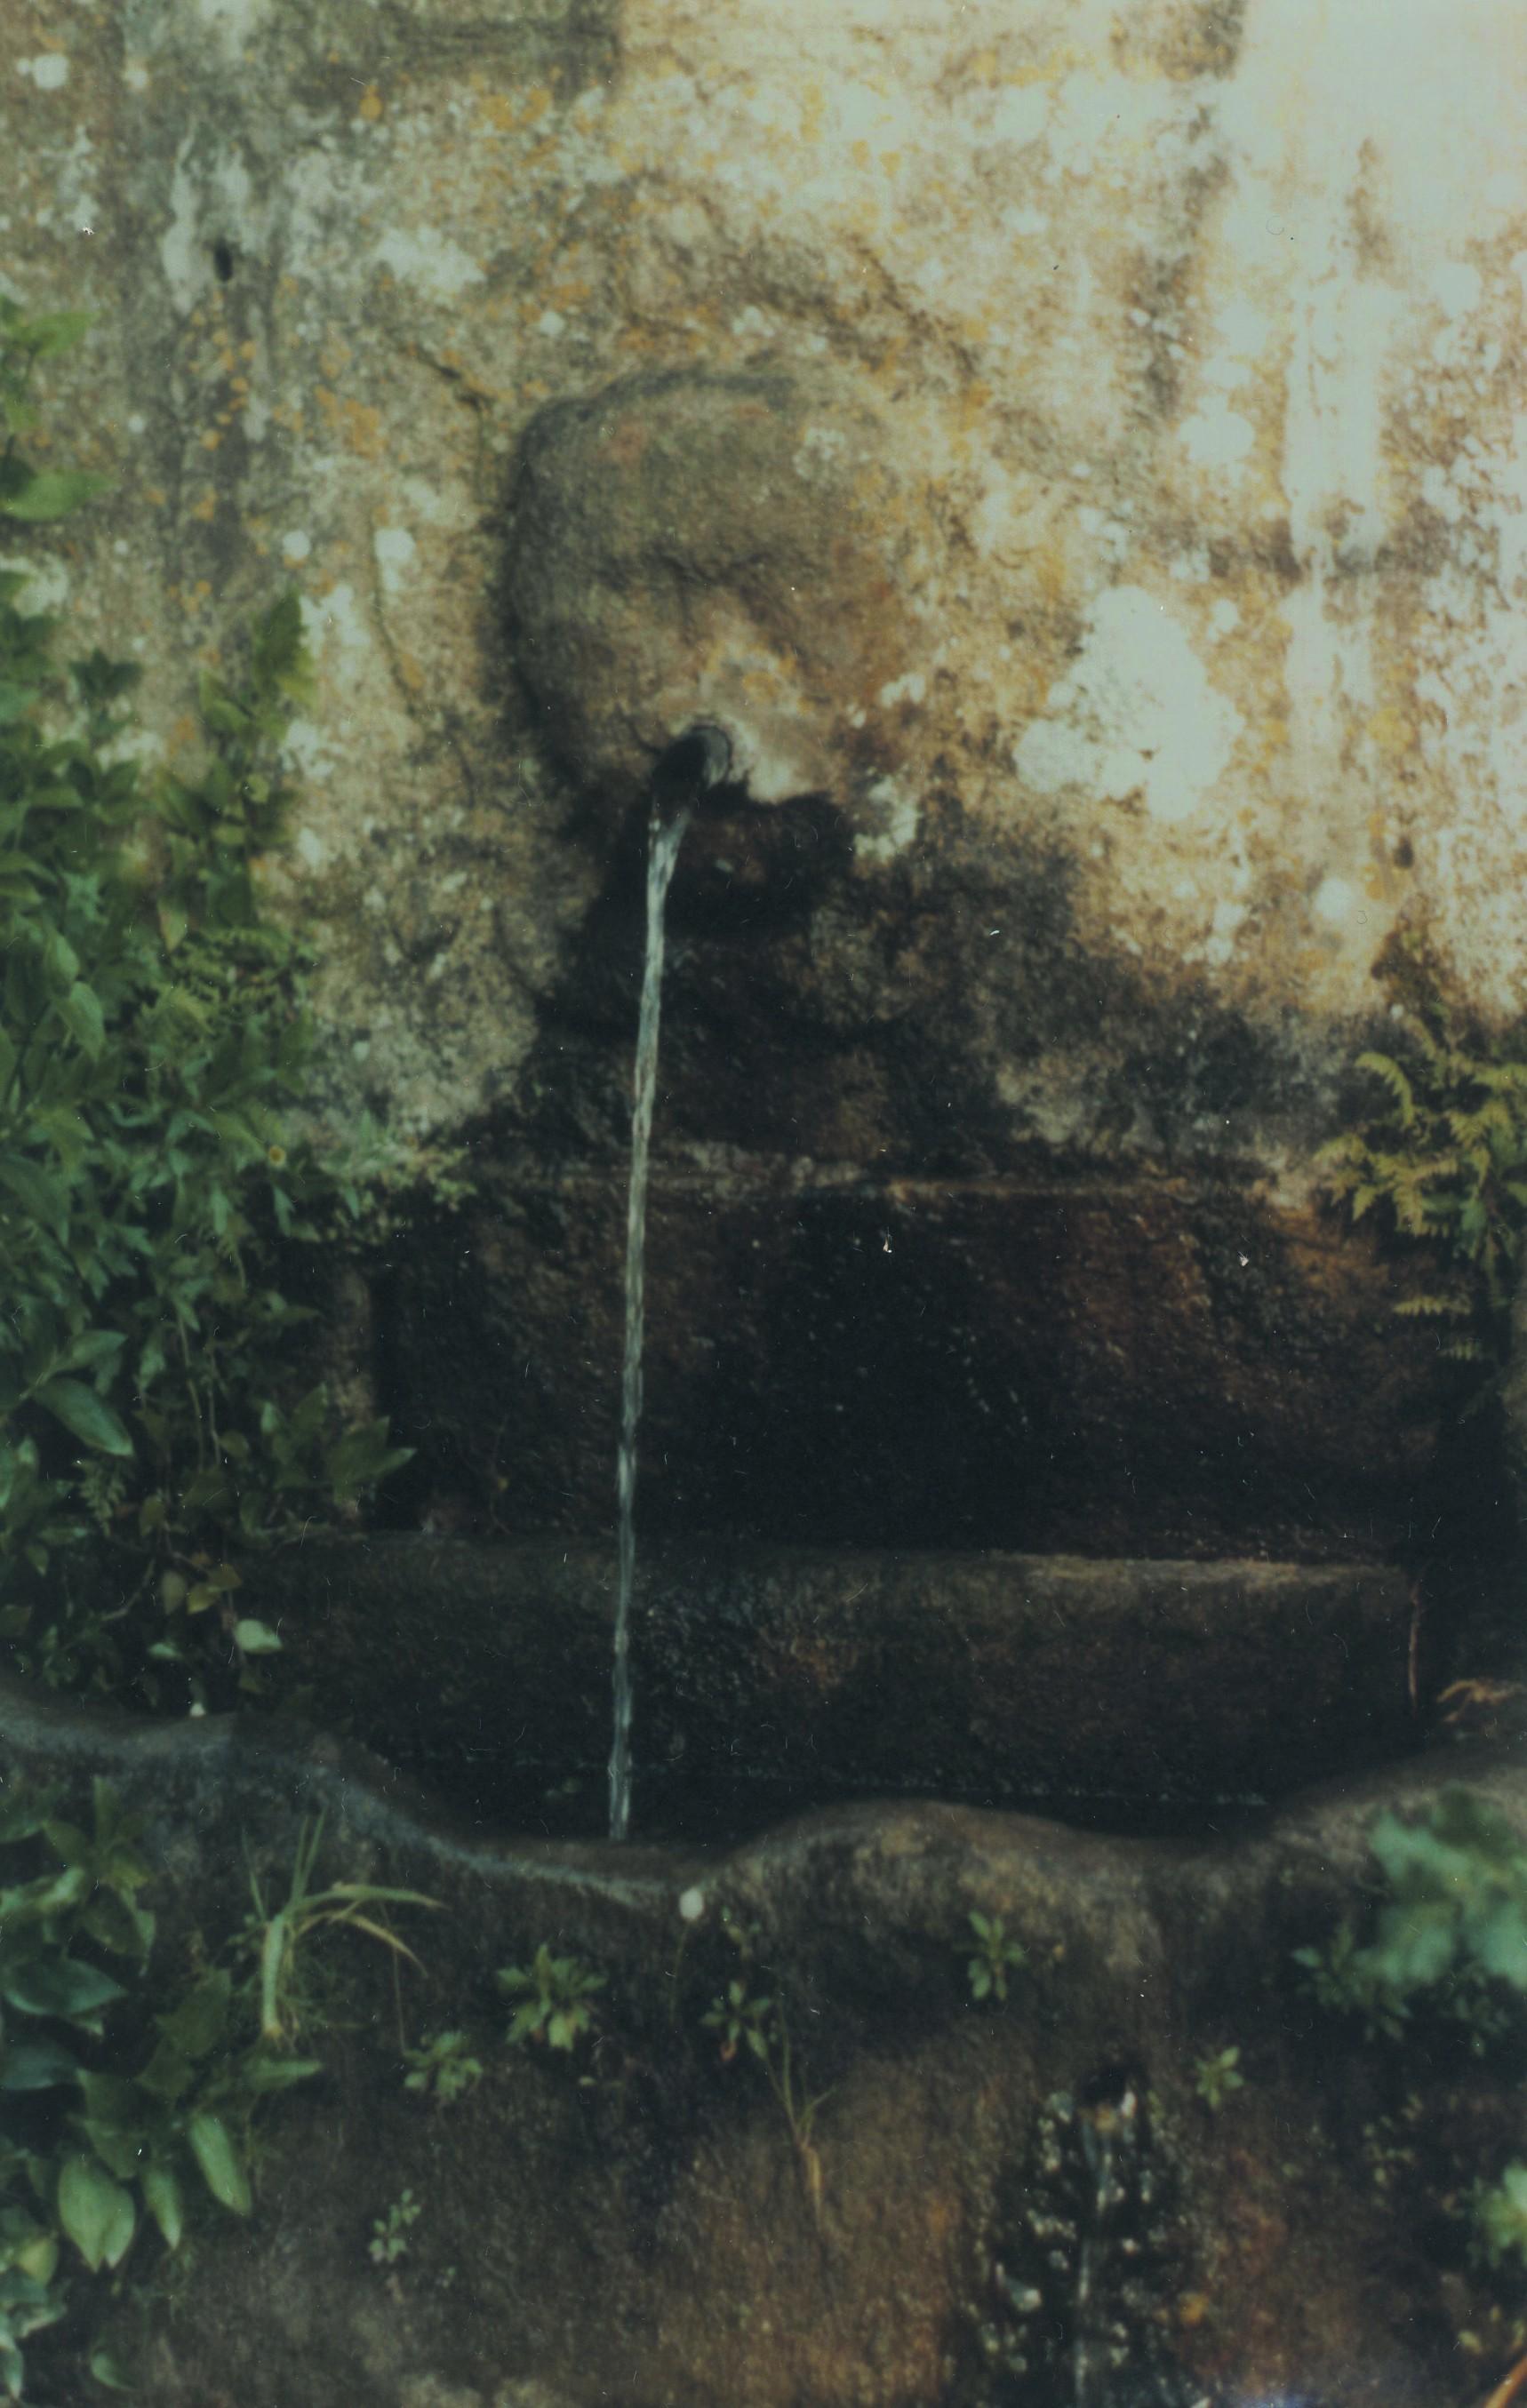 Fonte Chãs, Pinheiro da Bemposta (1985)